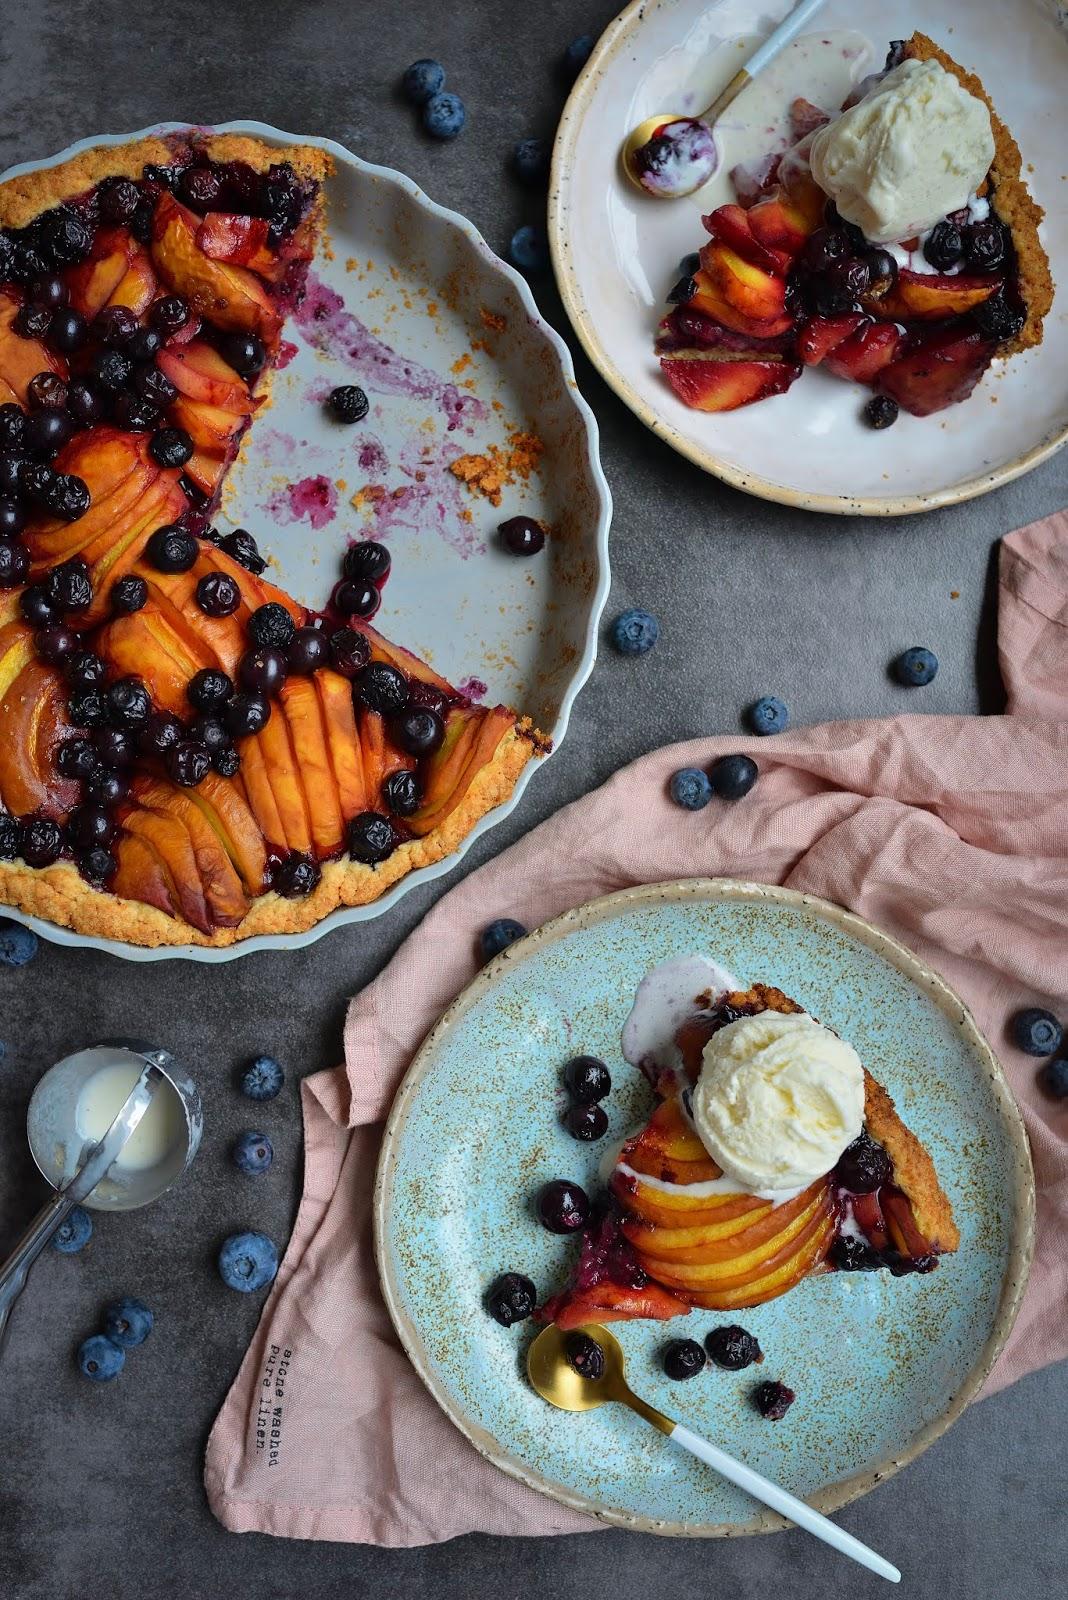 Tarta na kruchym spodzie z brzoskwiniami, borówkami i lodami waniliowymi.